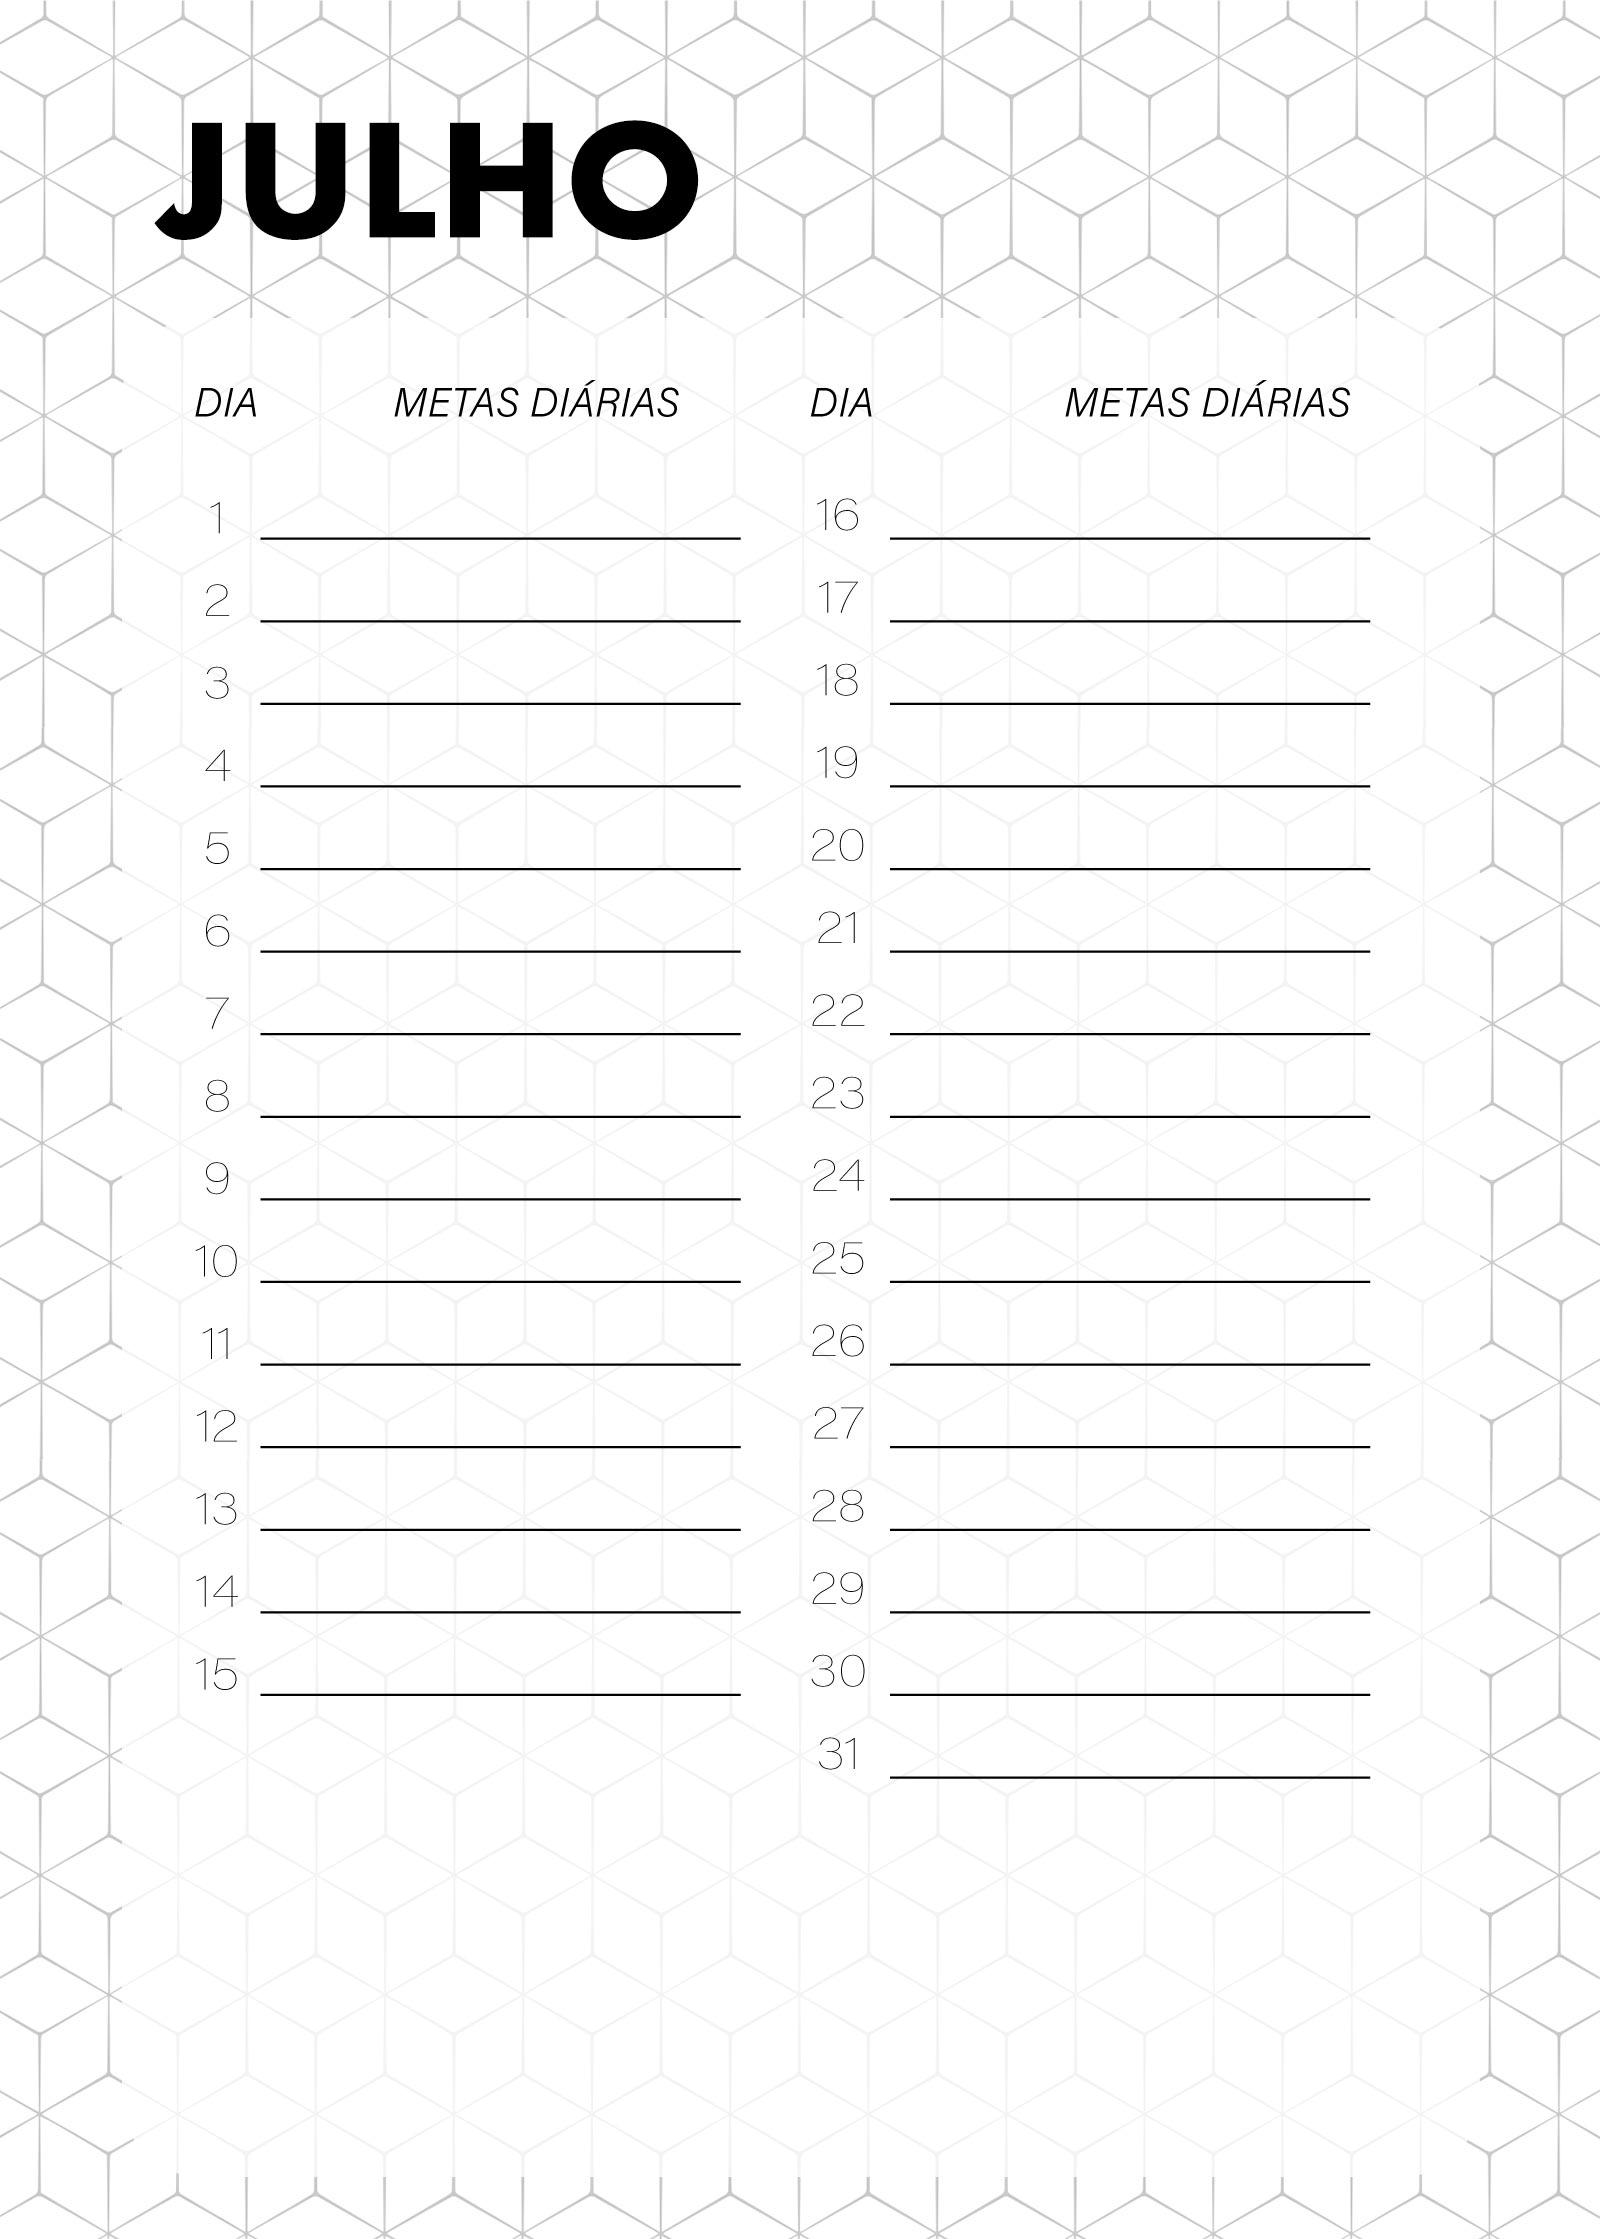 Planner Preto e Branco Metas Diarias Julho